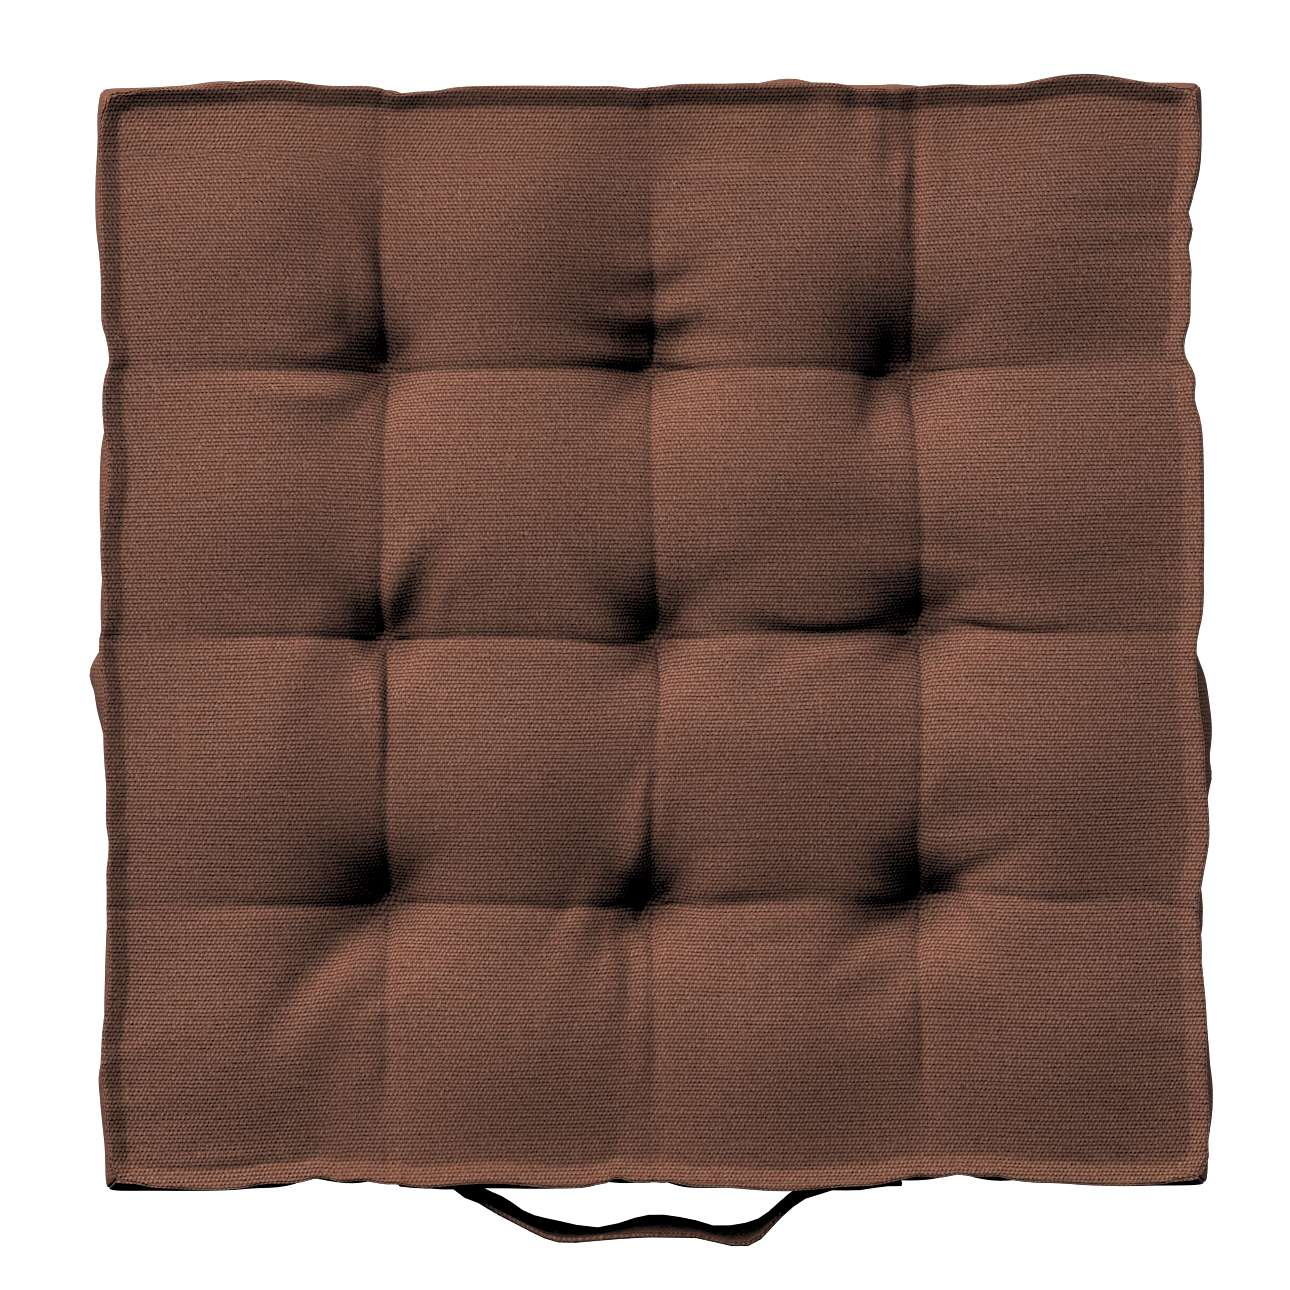 Siedzisko Kuba na krzesło 40x40x6cm w kolekcji Loneta, tkanina: 133-09